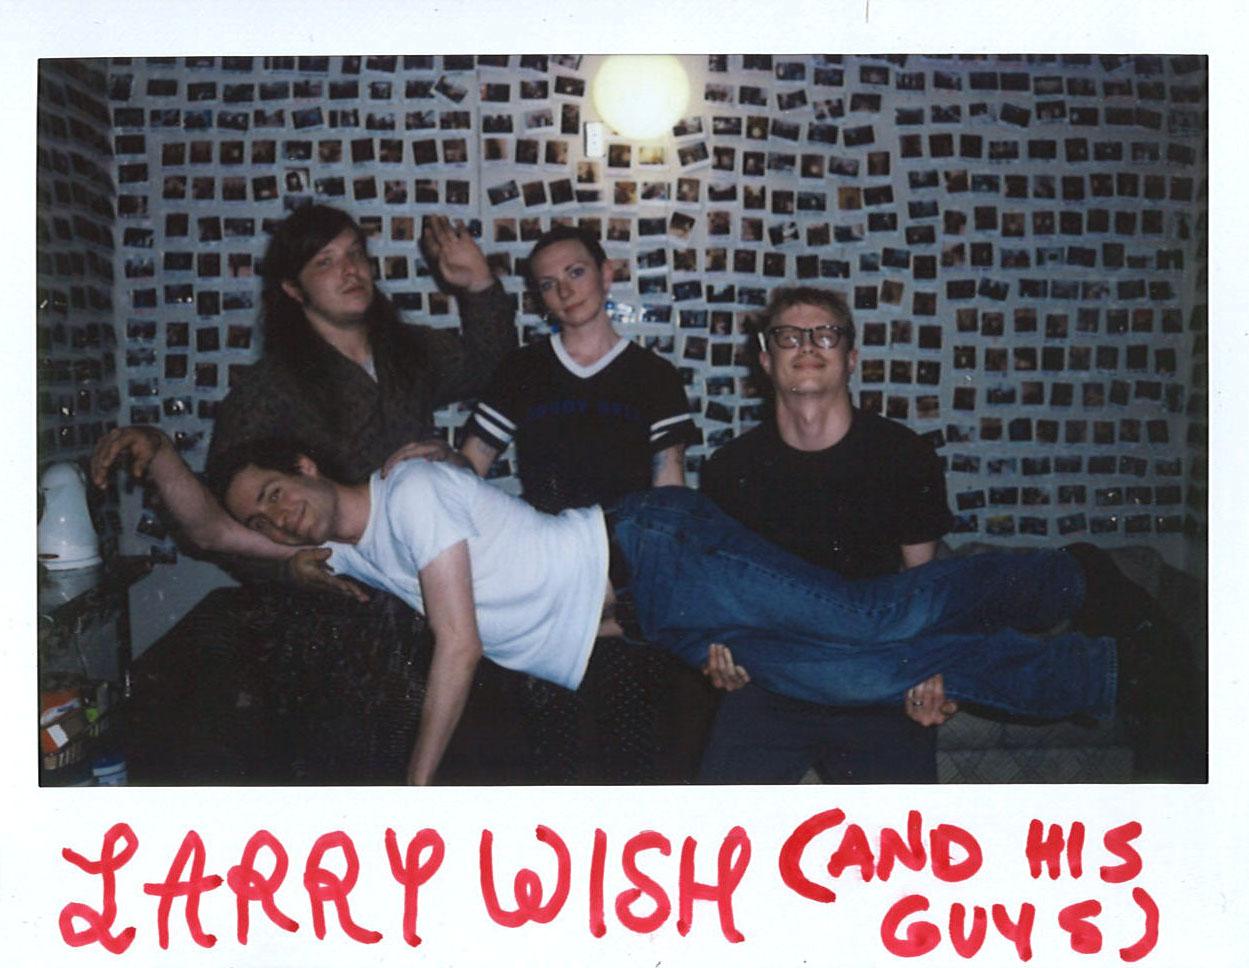 Larry Wish & His Guys